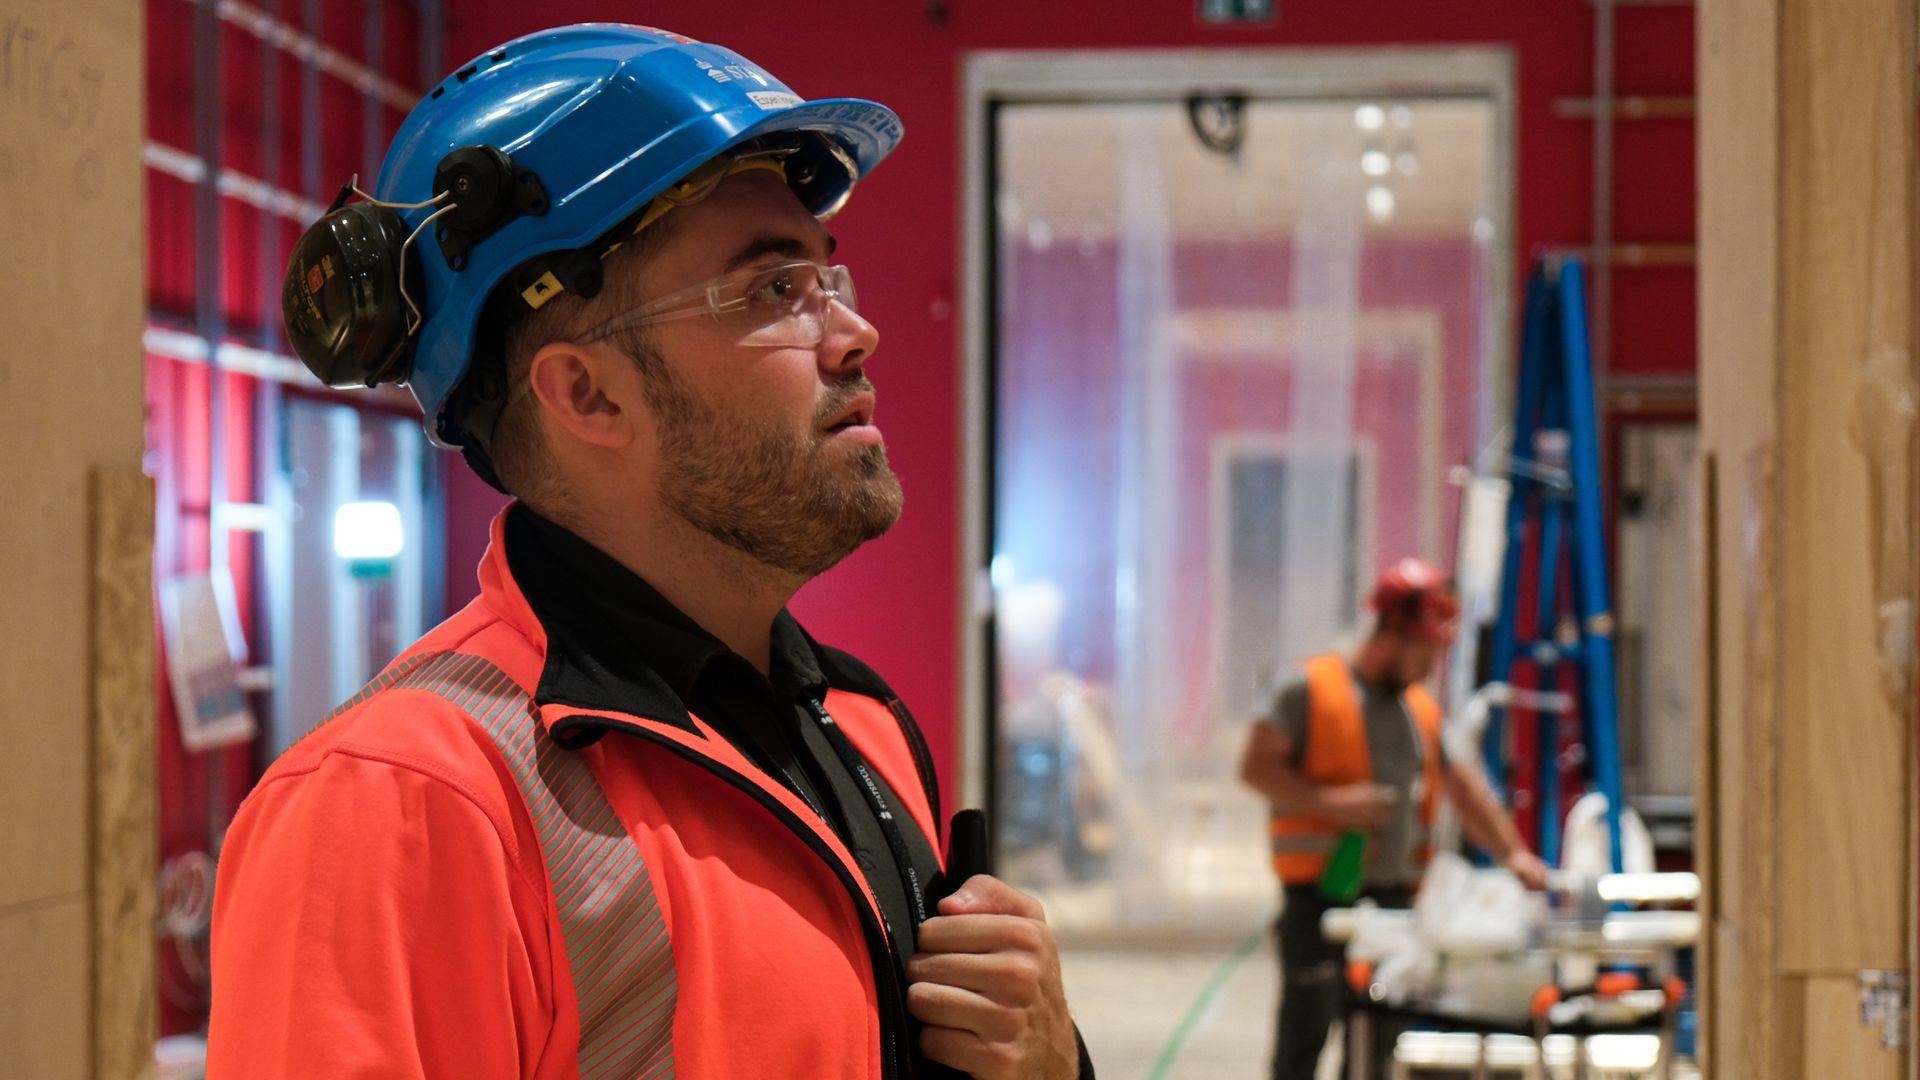 FIKK FAST JOBB: Tidligere summer Intern Espen Aksnes fikk fast jobb som assisterende prosjektleder på nye Nasjonalmuseet etter studiene.